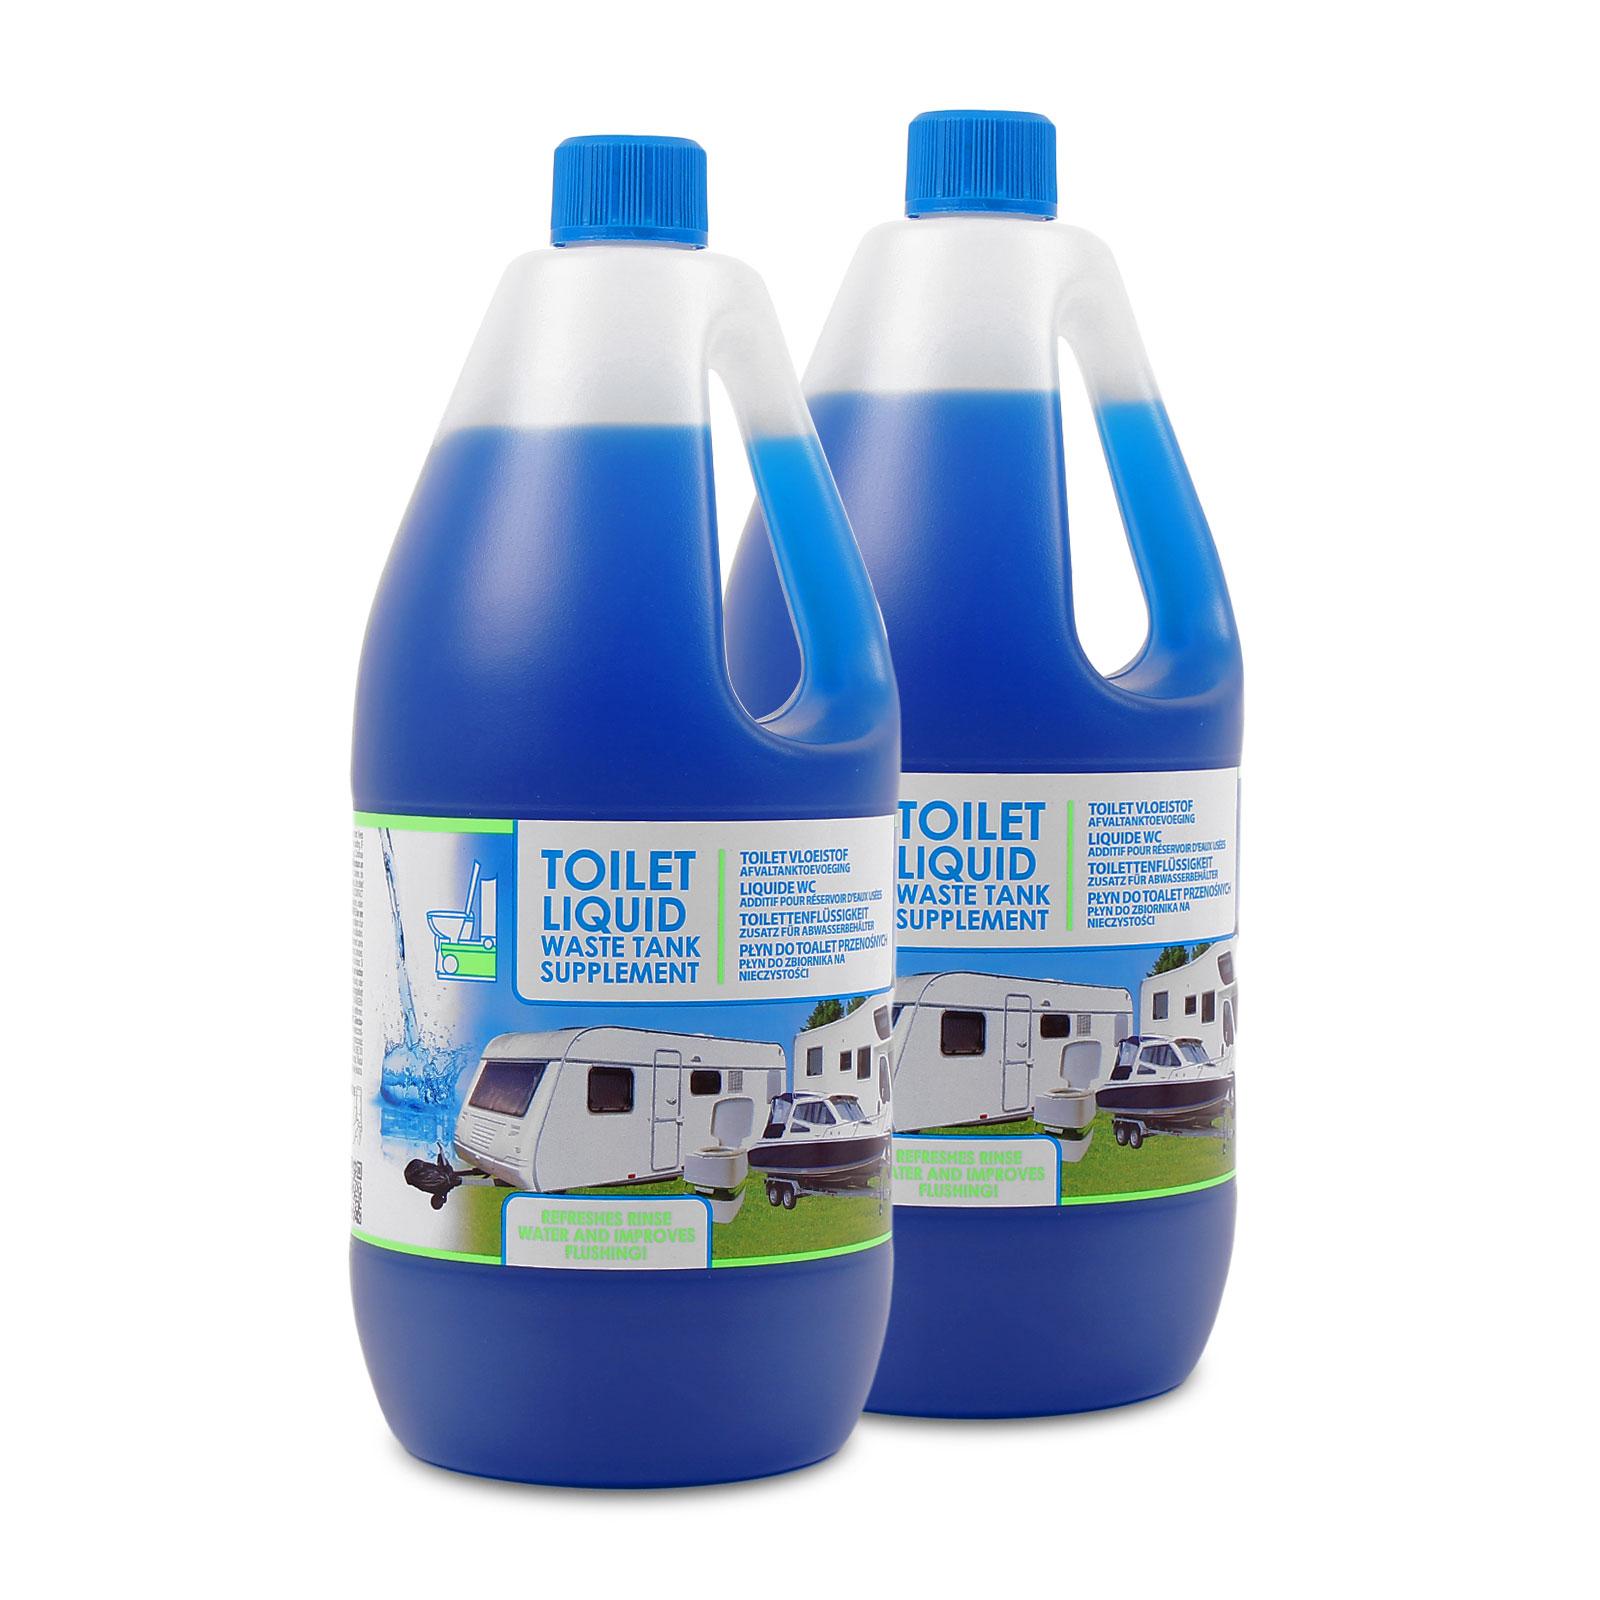 Sanitärflüssigkeit 4 Liter für Camping Toiletten, Abwasser, keimtötend